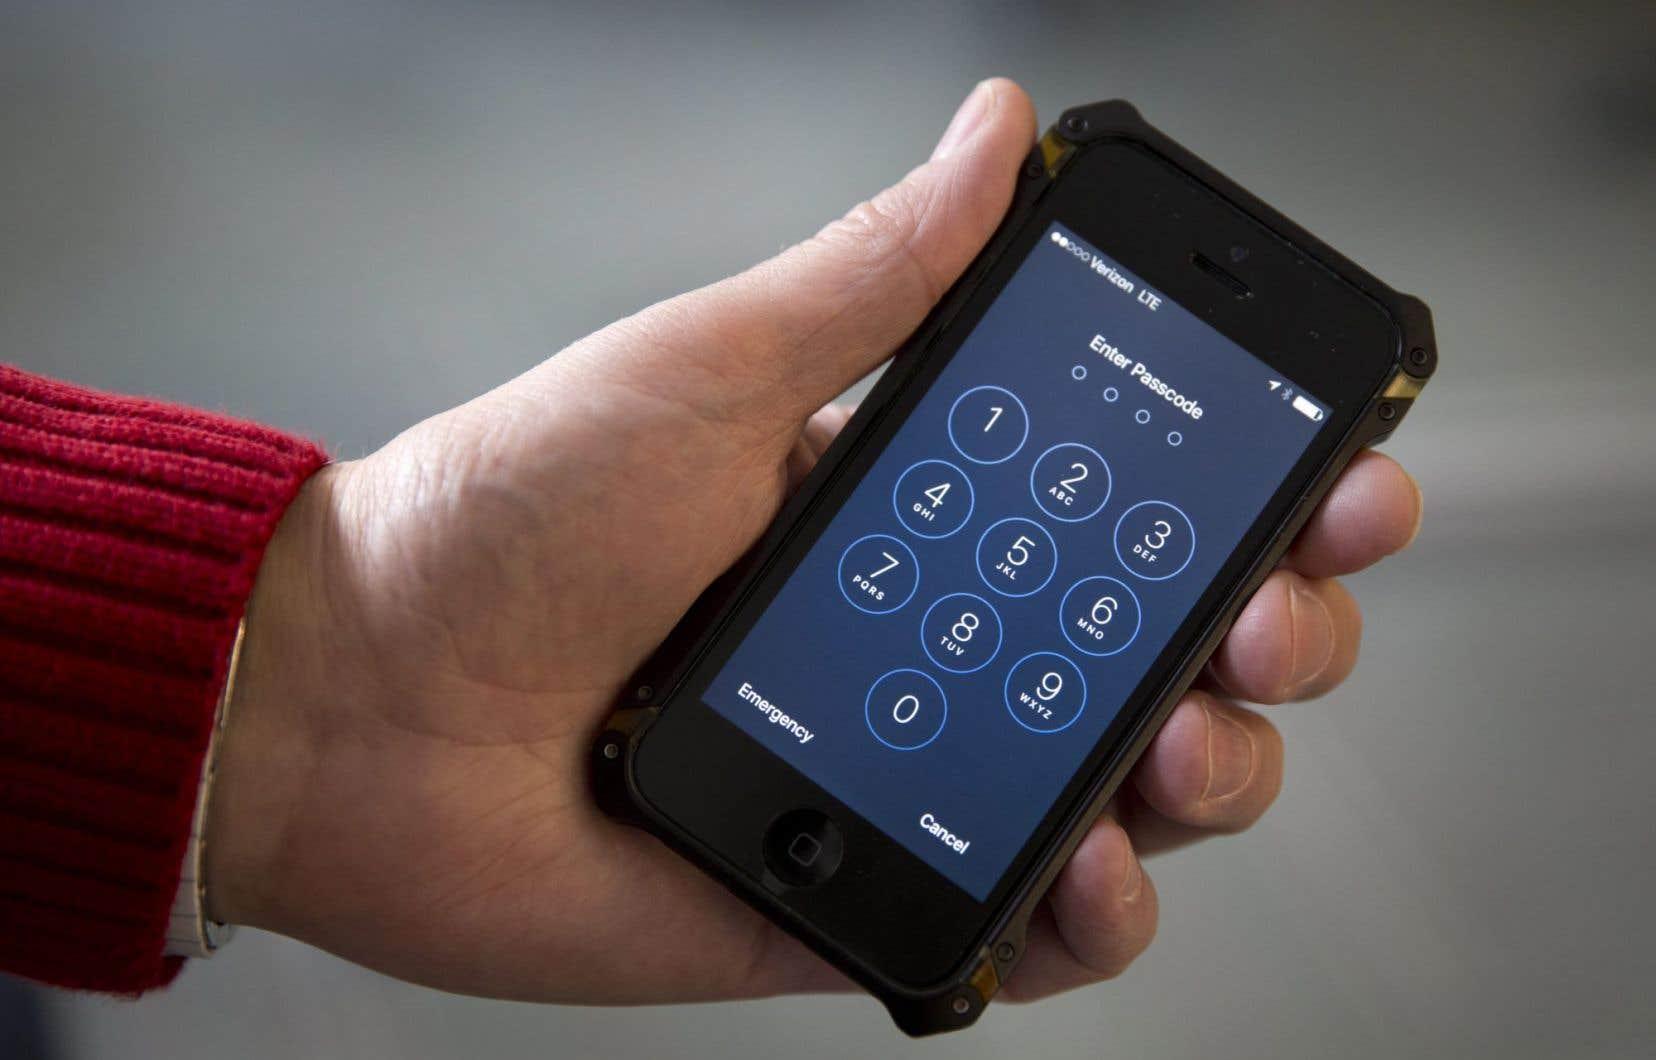 Les enquêteurs du FBI veulent pouvoir accéder au contenu de l'iPhone 5c de Sayed Farook, auteur avec sa femme Tashfeen Malik d'une tuerie en Californie.